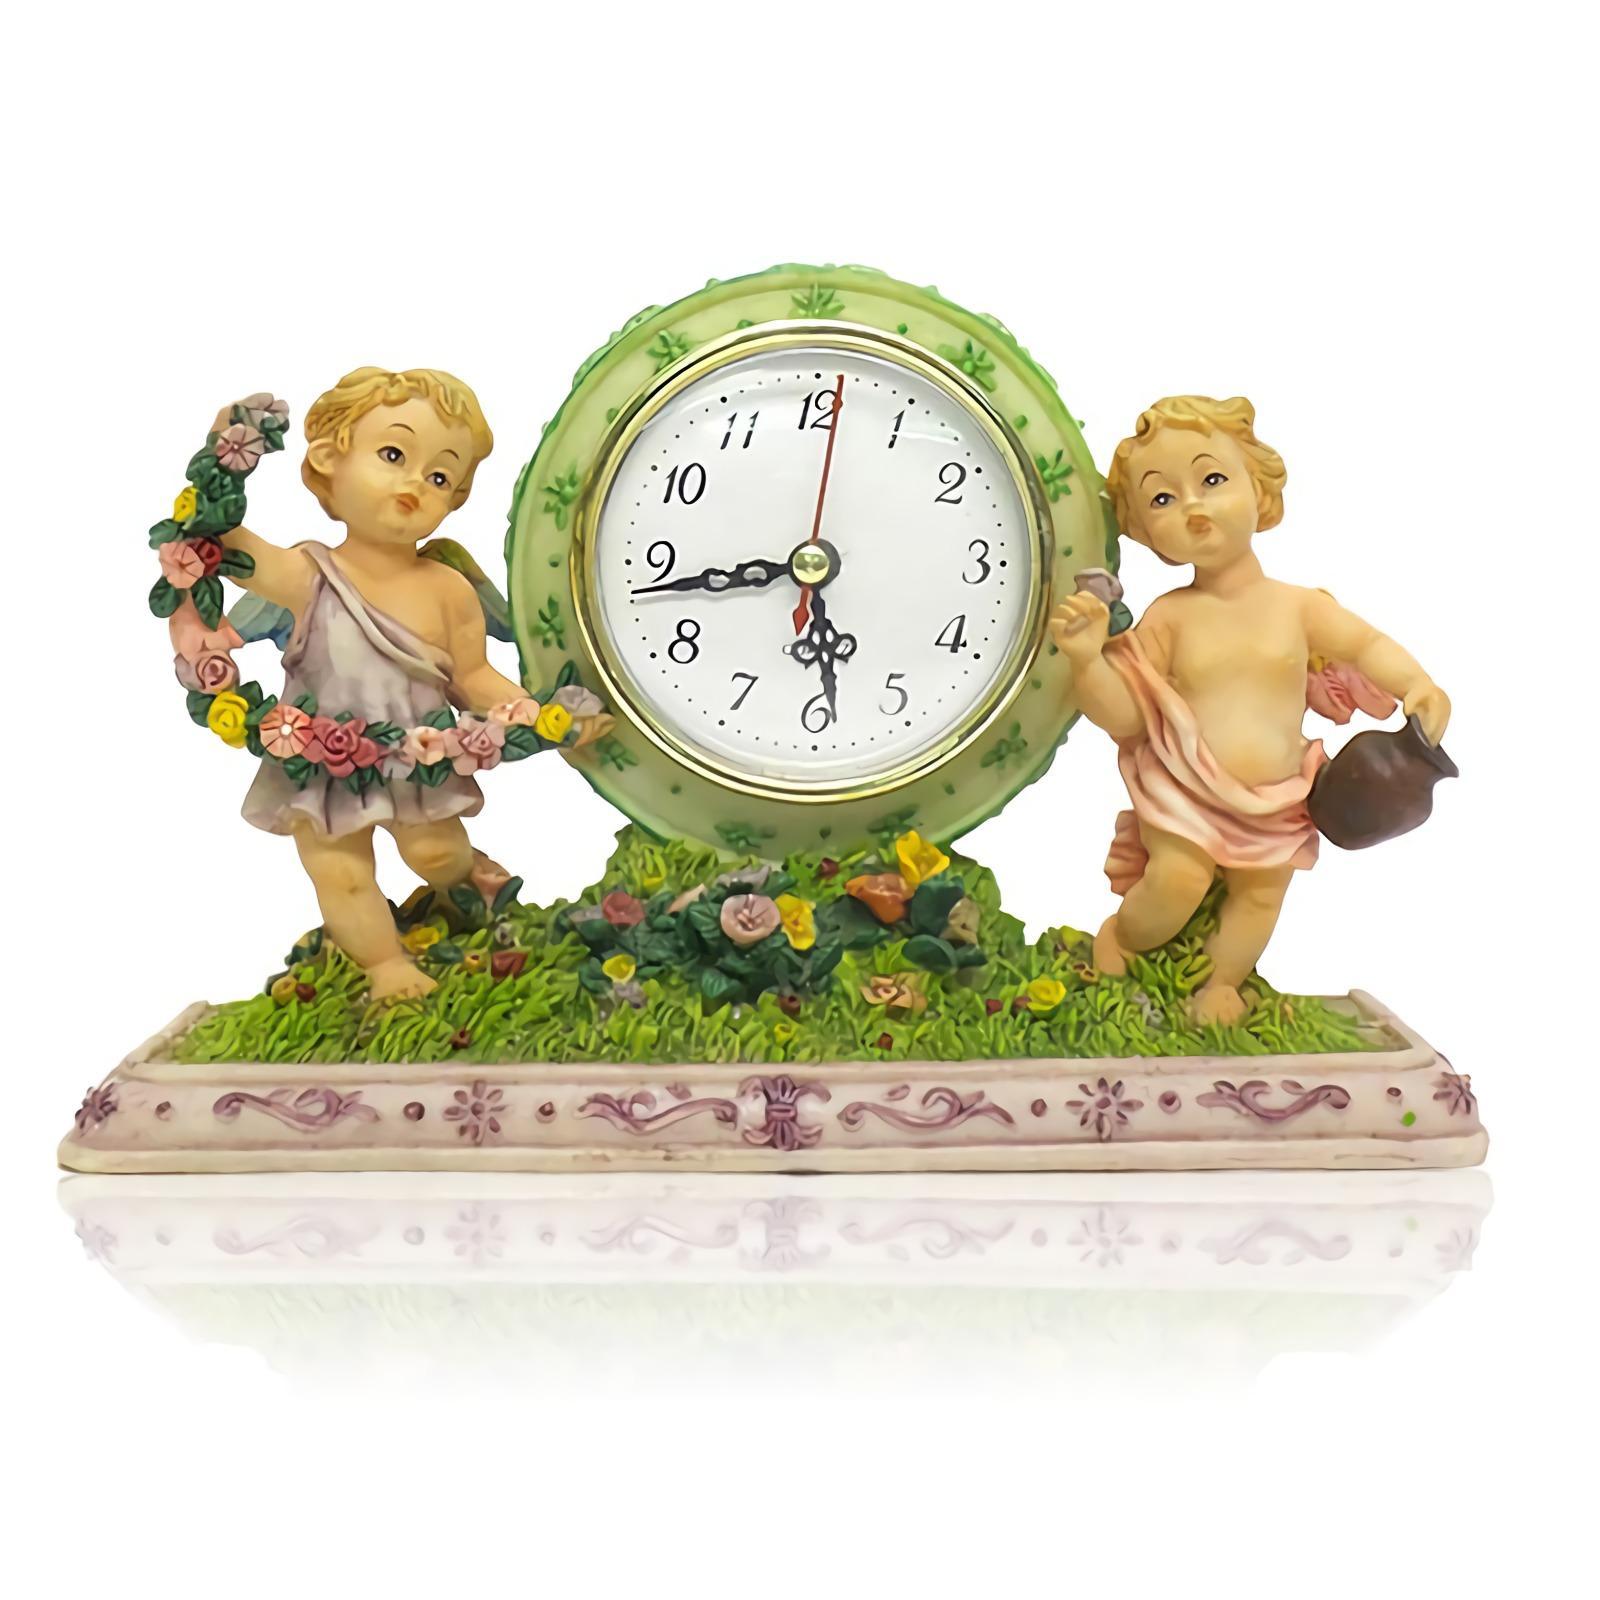 OHOME Jam Meja Keramik EK-SP-3705 Malaikat Mini Patung Pajangan Poly Stone Table Top Clock Warni